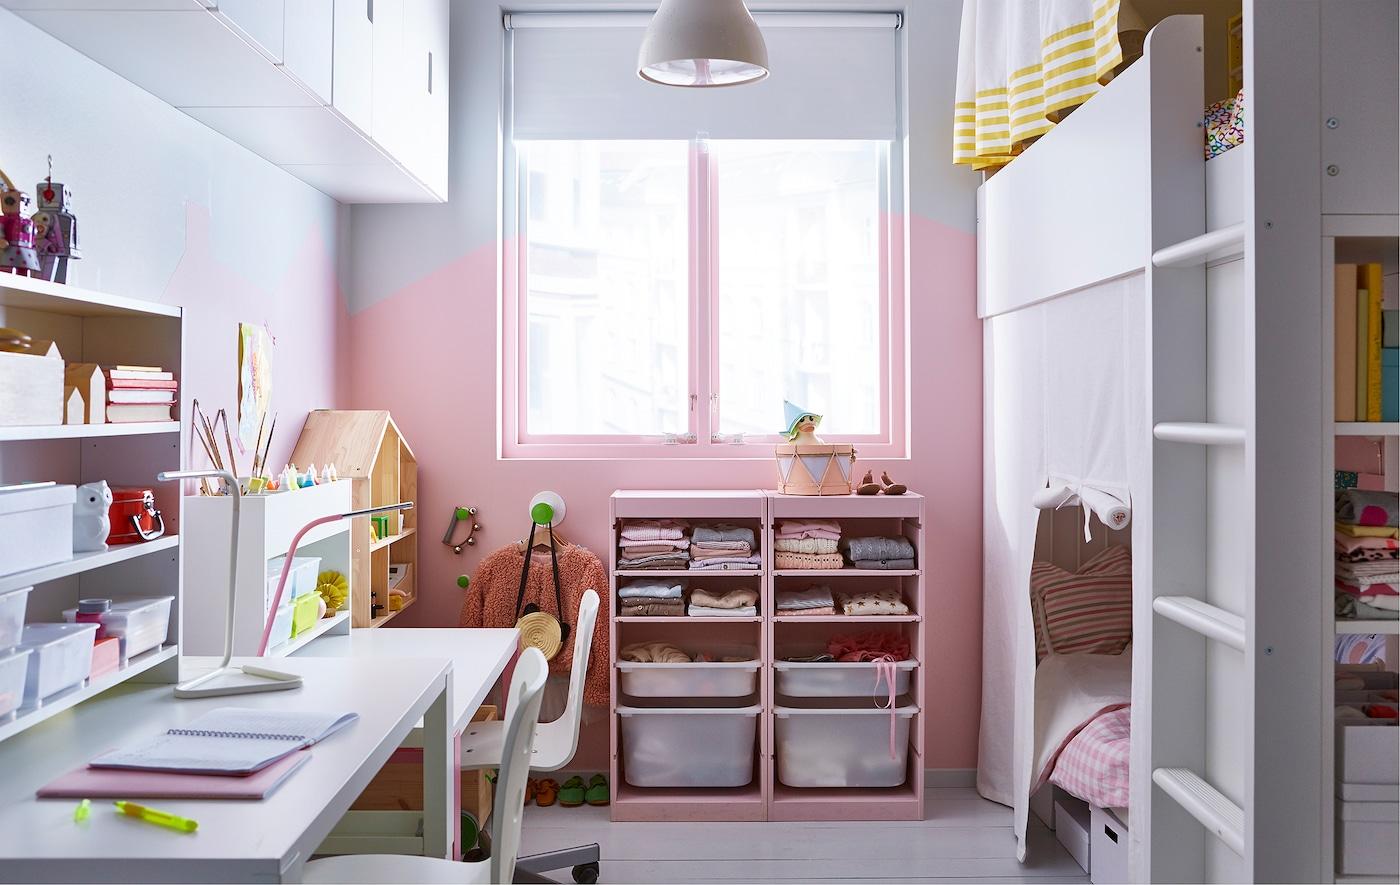 Chambre d'enfant partagée avec lits superposés, rangements et deux bureaux.